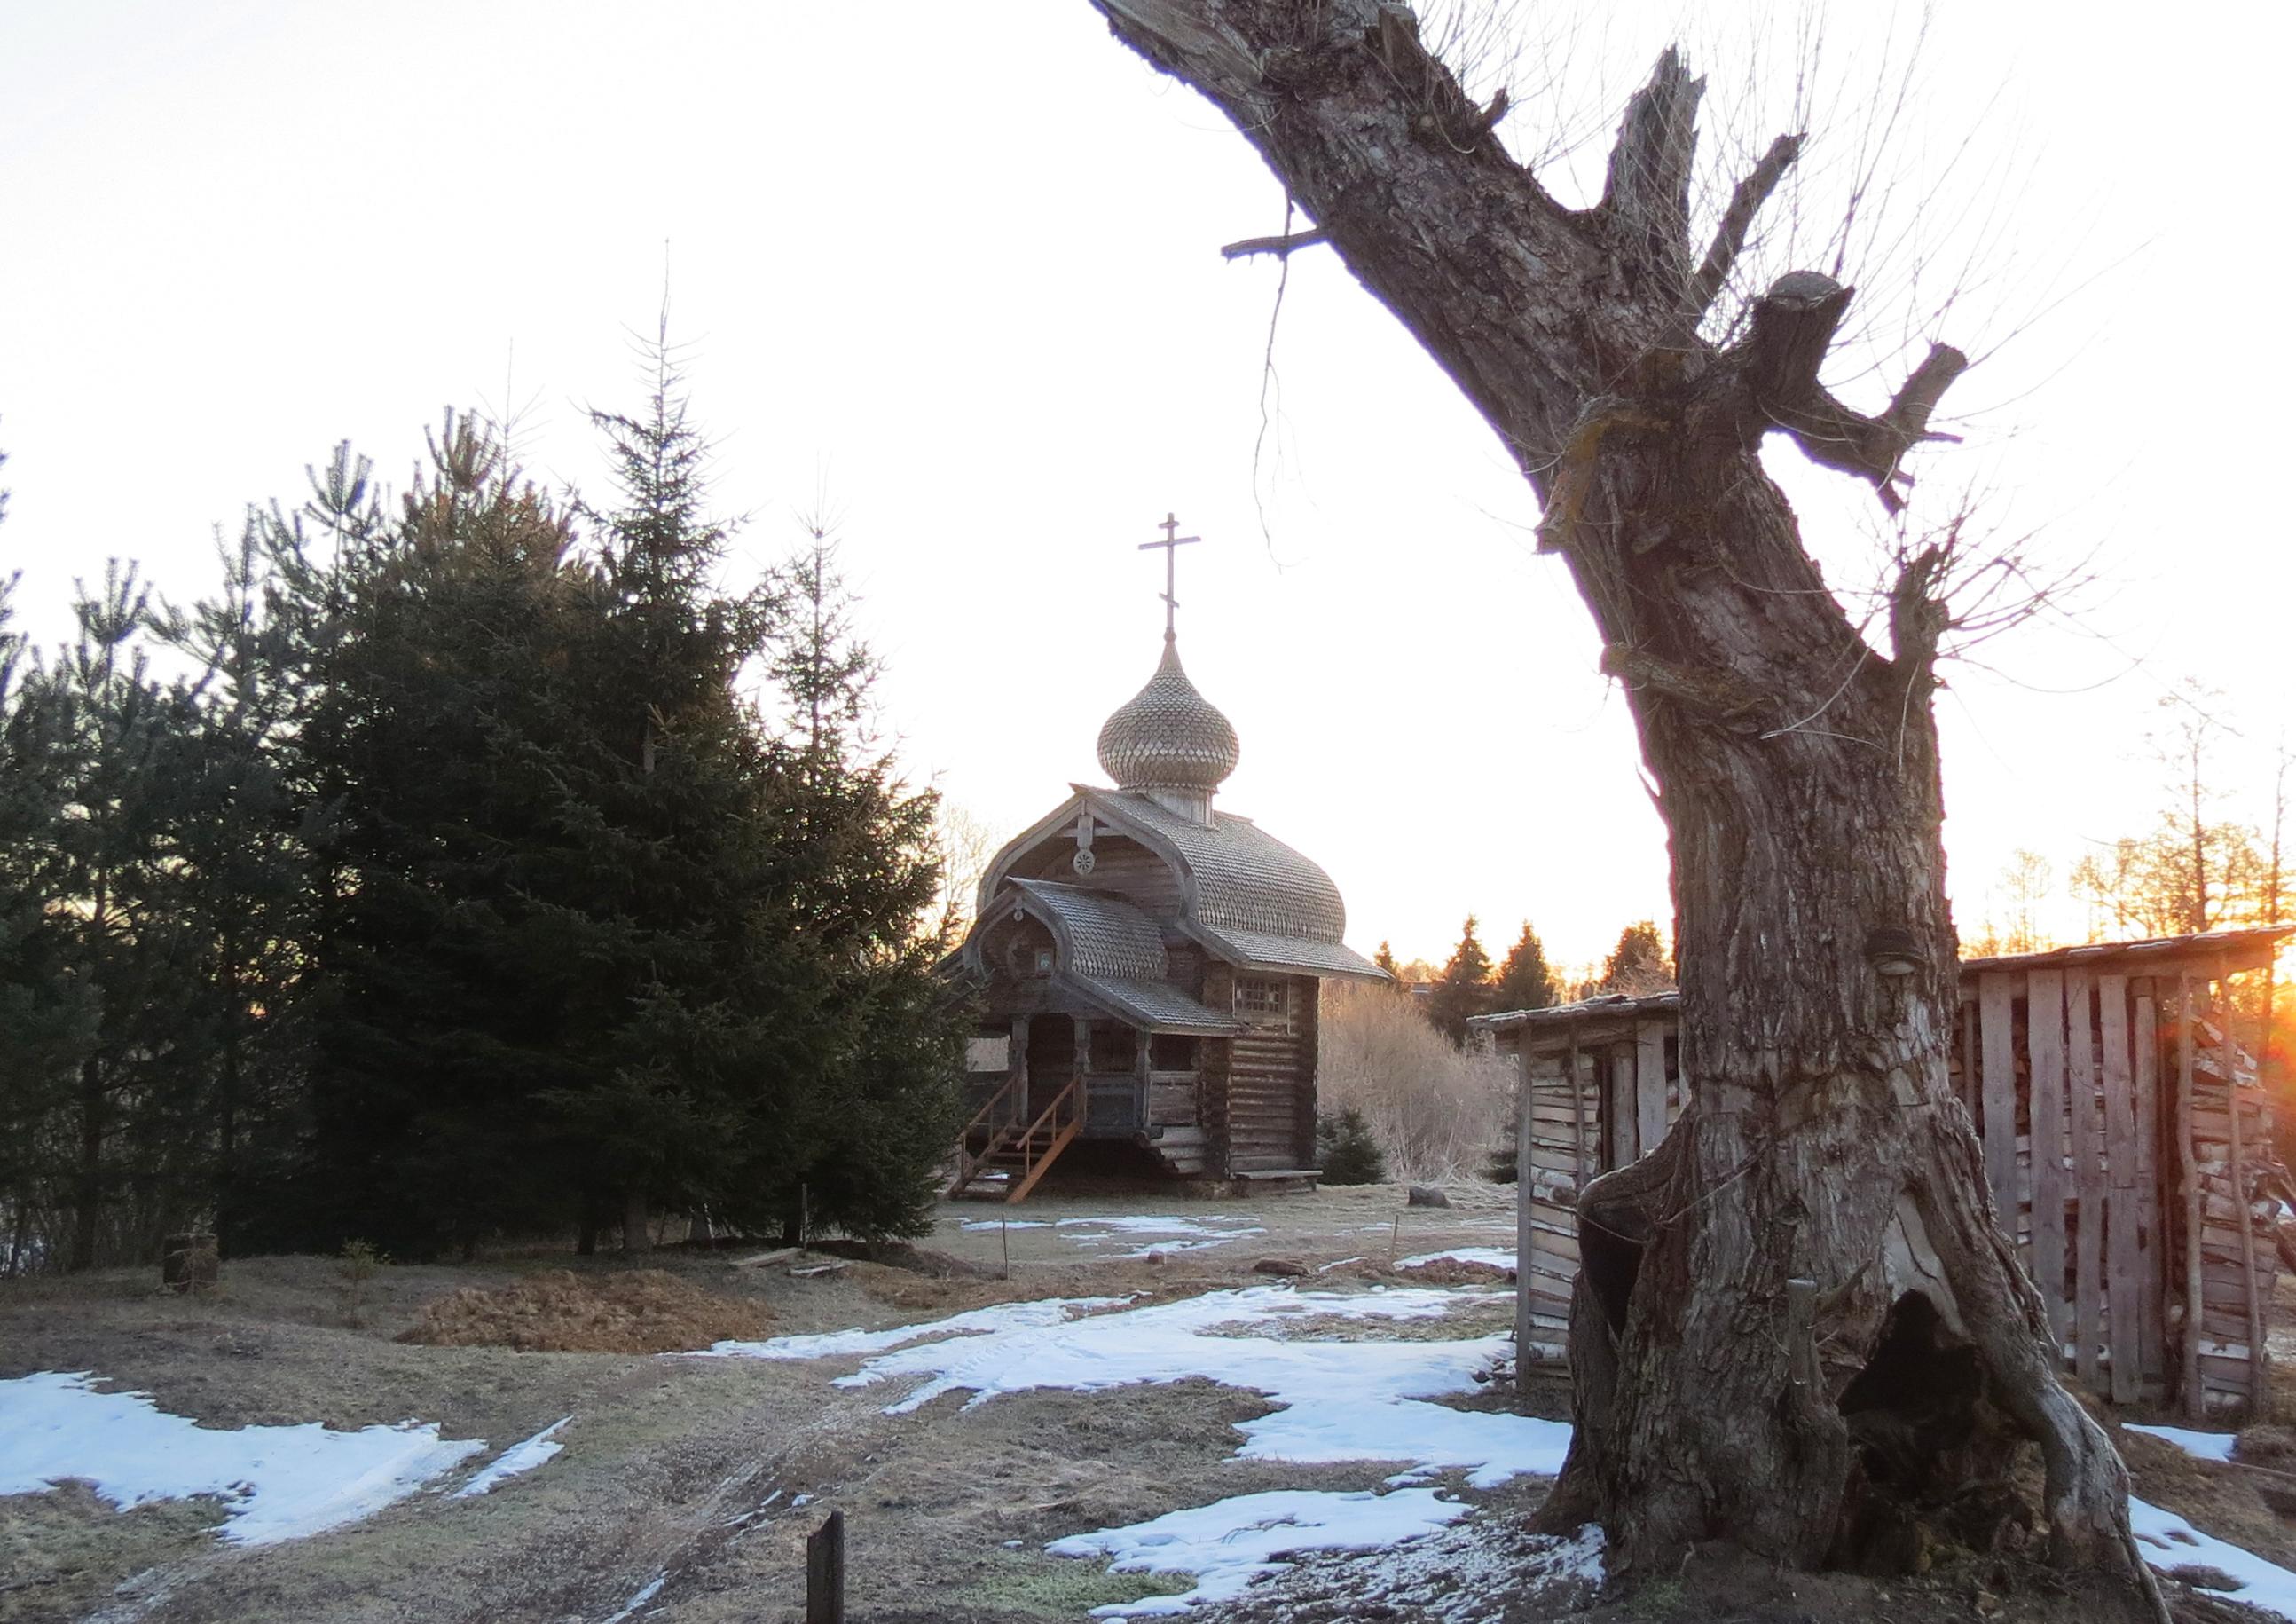 Часовня в деревне Пнево – словно явление из русской сказки. Фото автора.